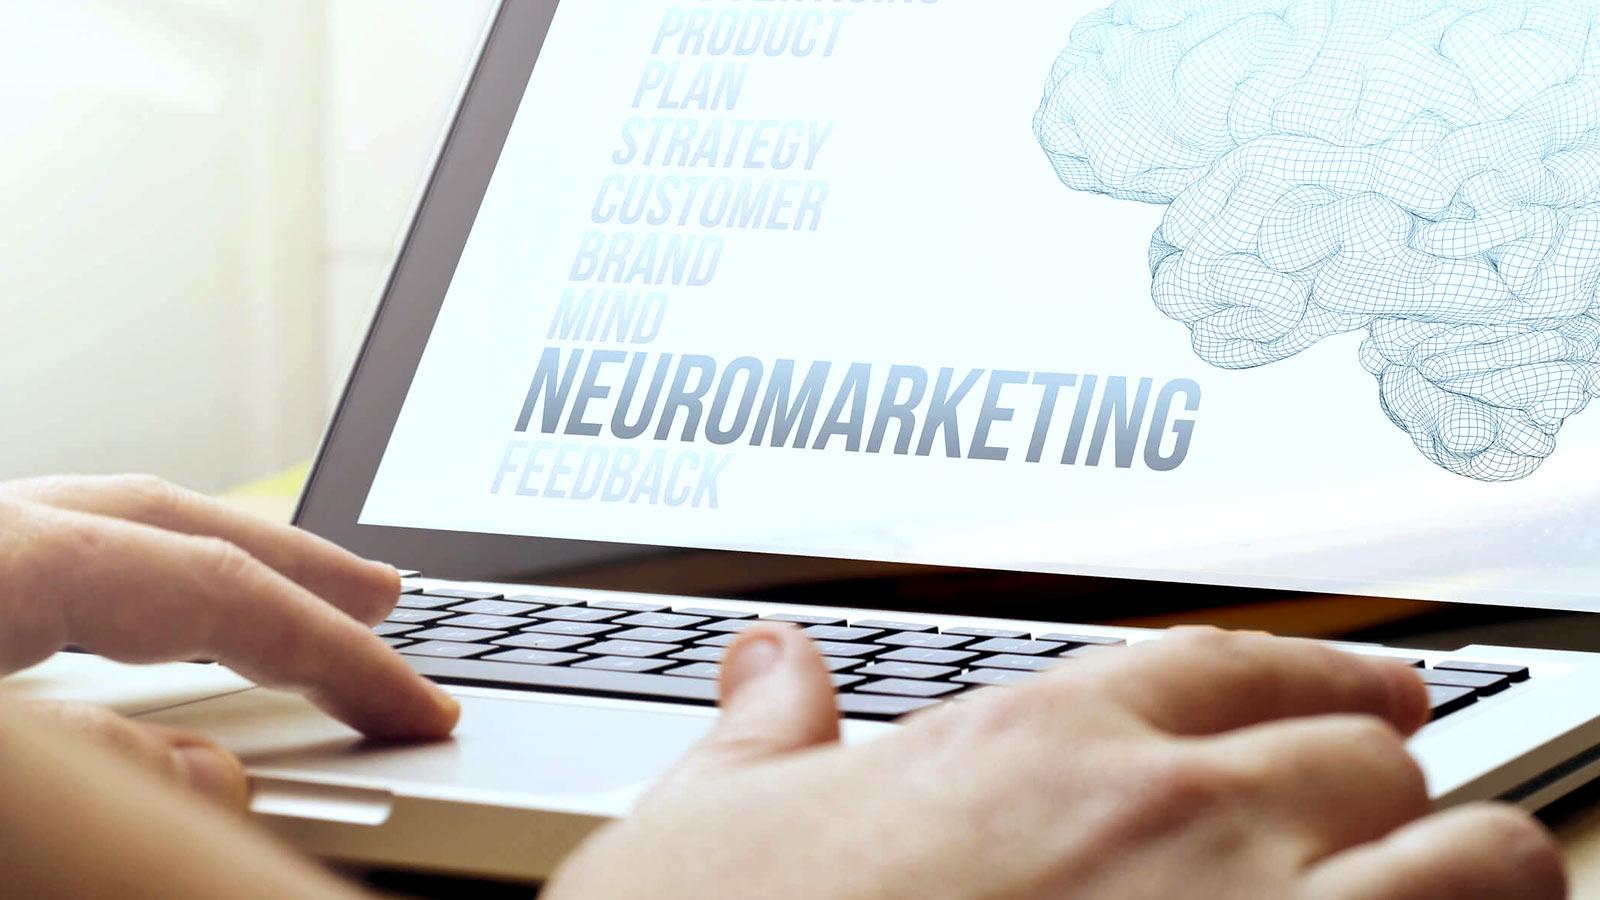 o que e neuromarketing saiba o que e e como usar 2a dumela - O que é neuromarketing? Saiba o que é e como usar!